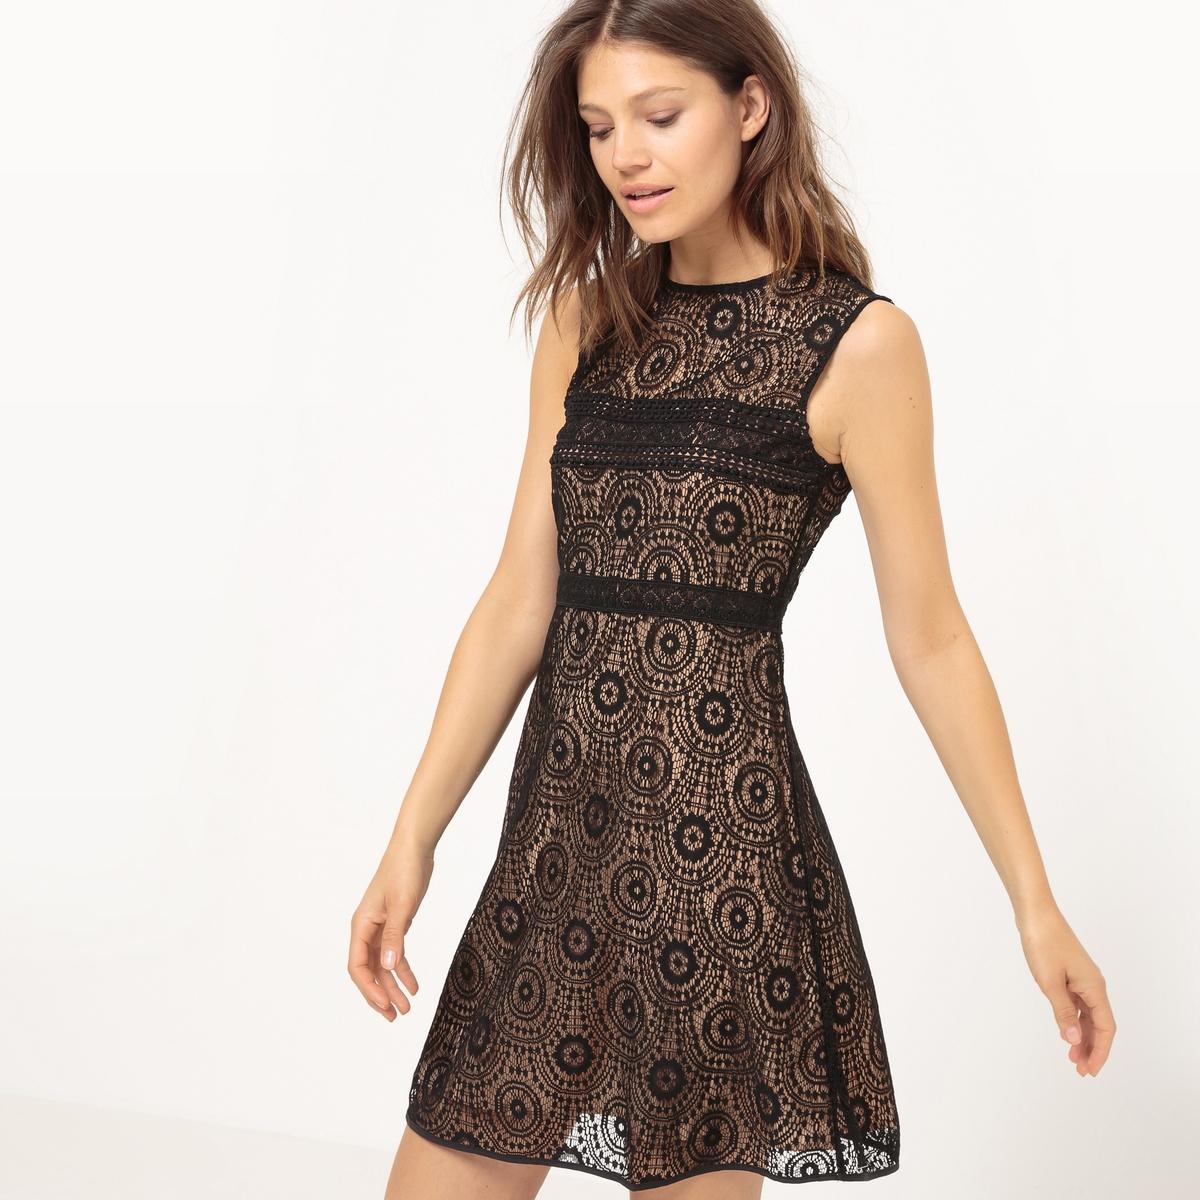 Платье расклешенное, кружевное, без рукавовМатериал : 100% полиэстер  Длина рукава : без рукавов  Форма воротника : Круглый вырез Покрой платья : расклешенное платье. Рисунок : Однотонная модель Особенности : Кружево  Длина платья : короткое.<br><br>Цвет: черный